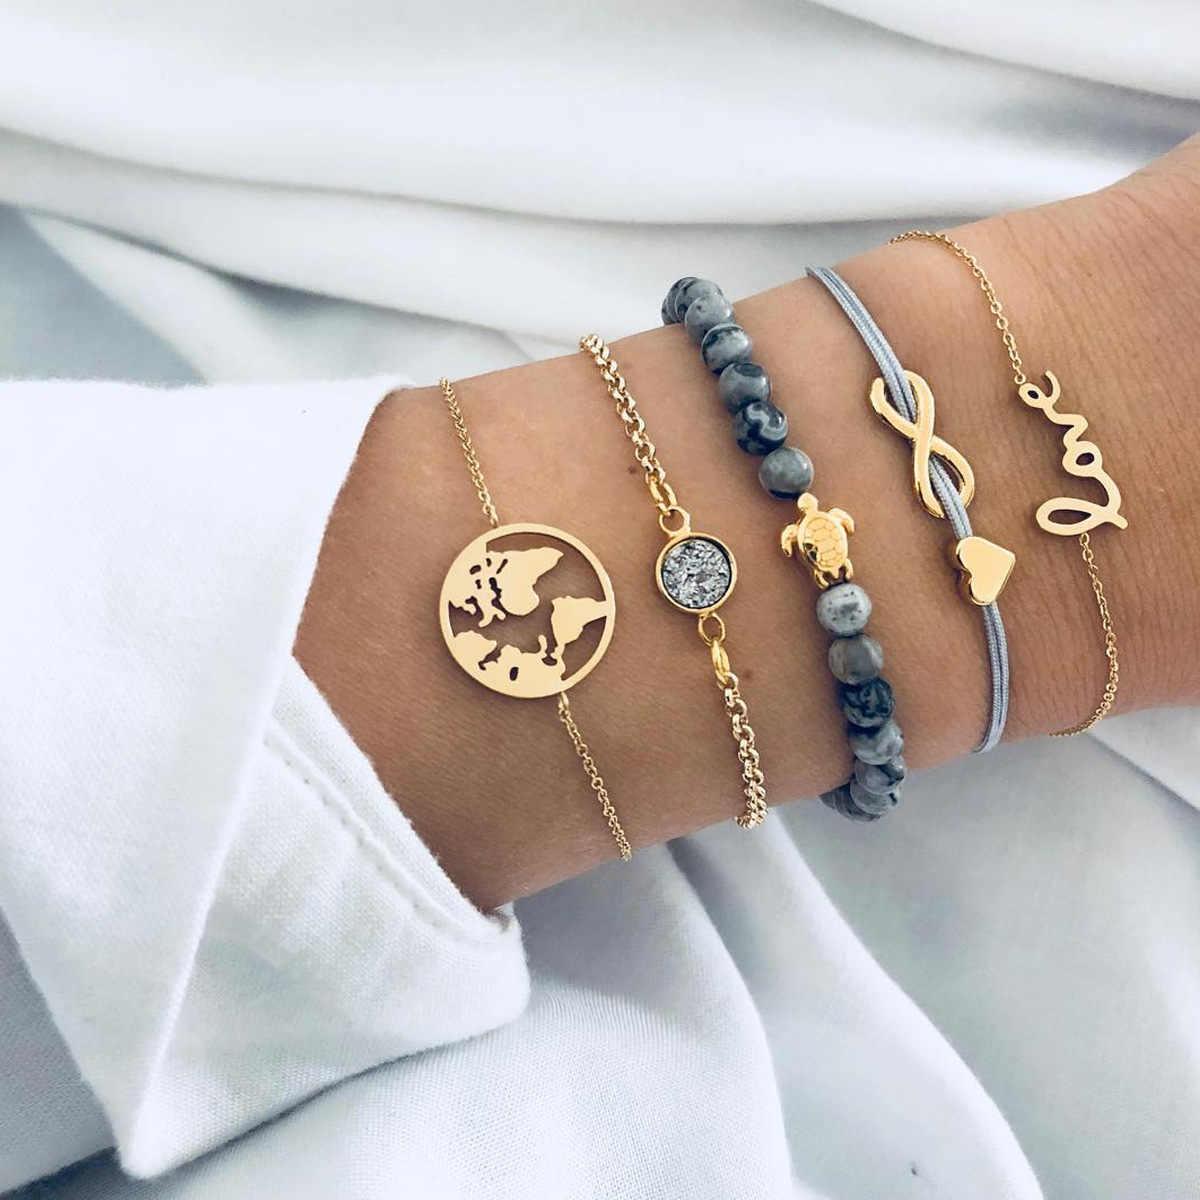 Grânulos cinzentos pulseiras boêmio criativo mapa do mundo tartaruga amor coração infinito charme pulseiras definir moda jóias transporte da gota